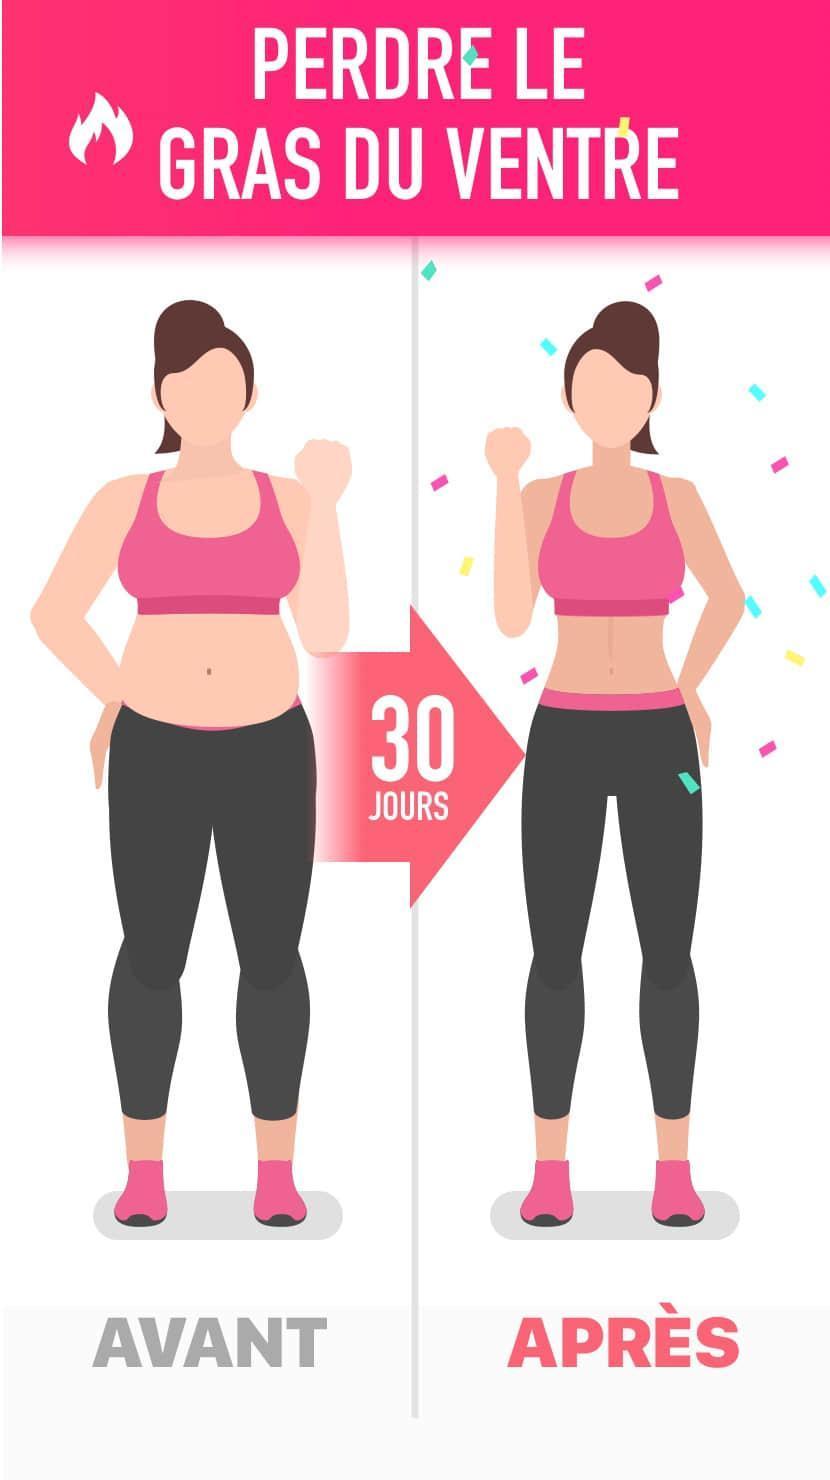 Perdre du ventre : comment avoir un ventre plat à l'approche de l'été ?